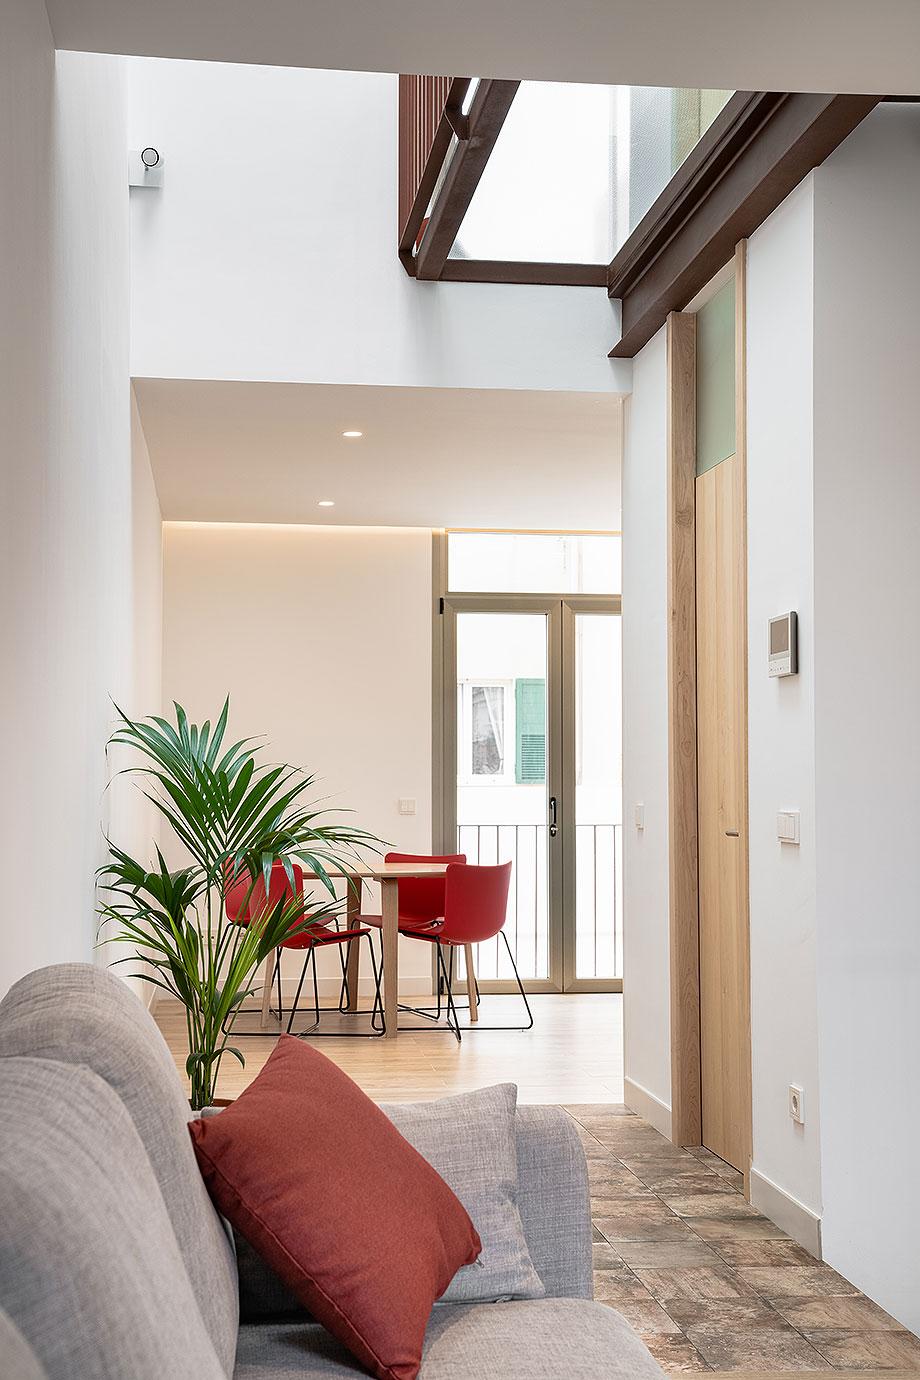 de garaje a vivienda por liniarquitectura (5) - foto laura tomas